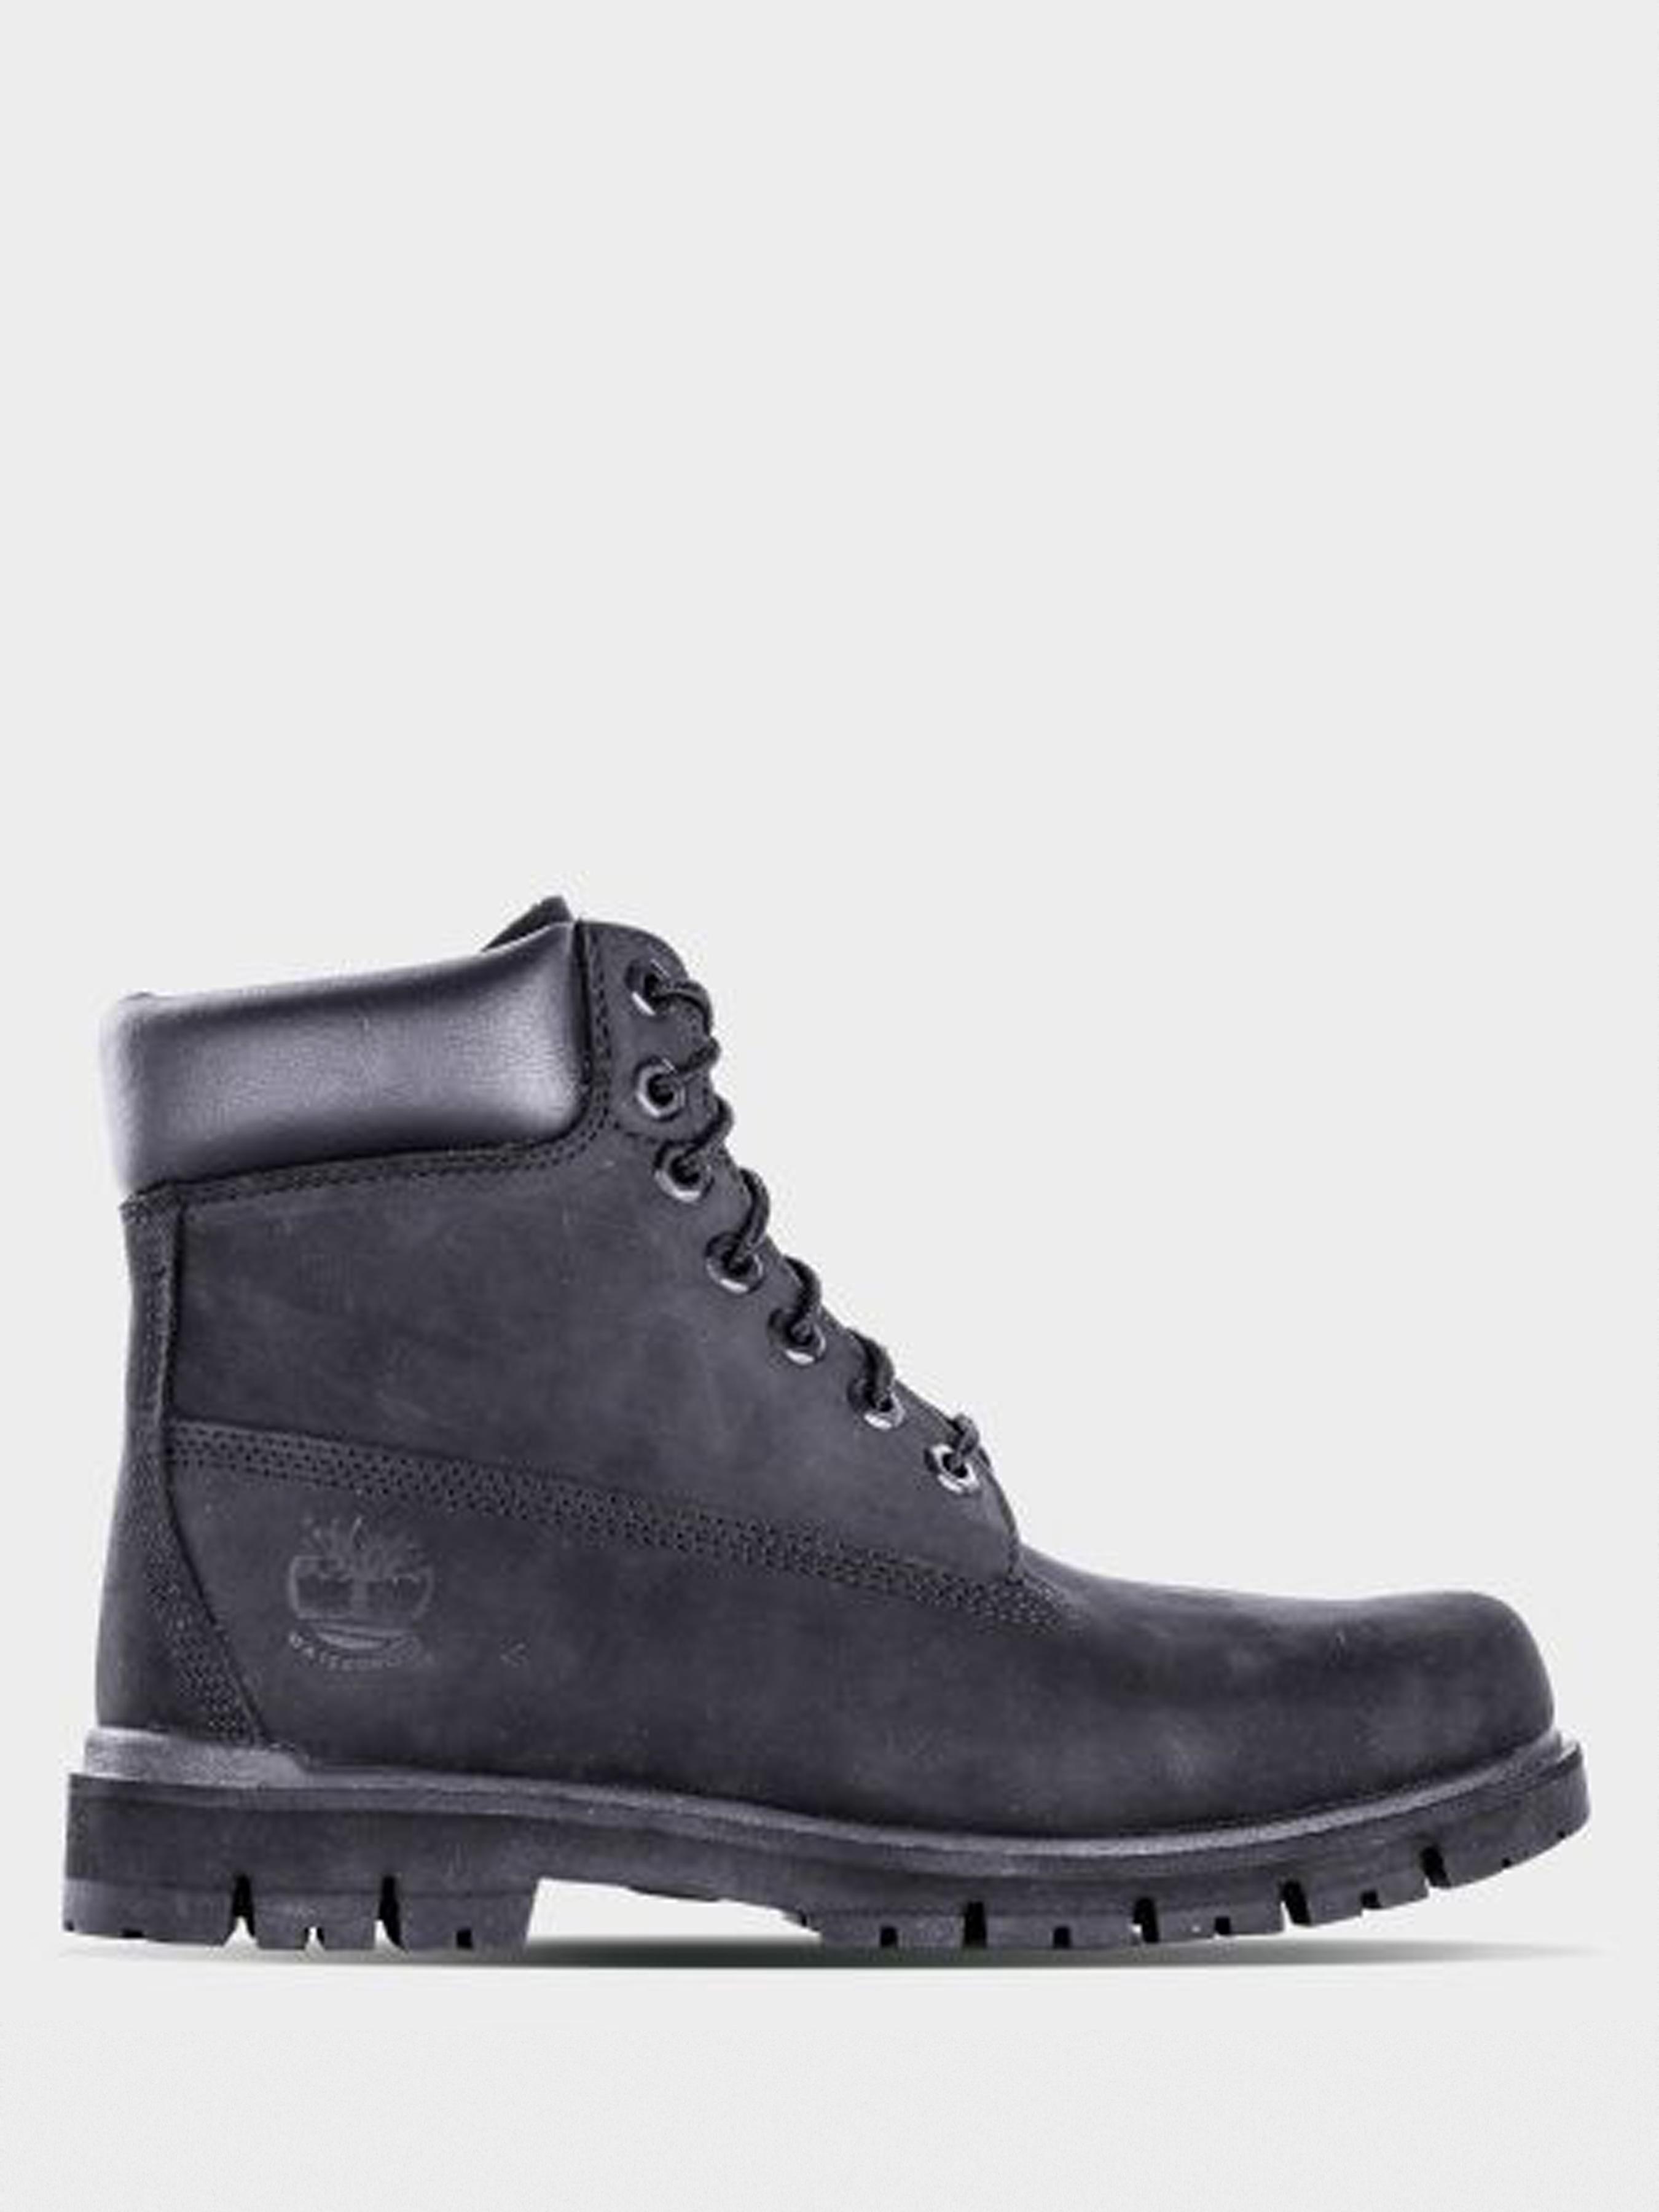 Купить Ботинки мужские Timberland Radford TF4069, Черный